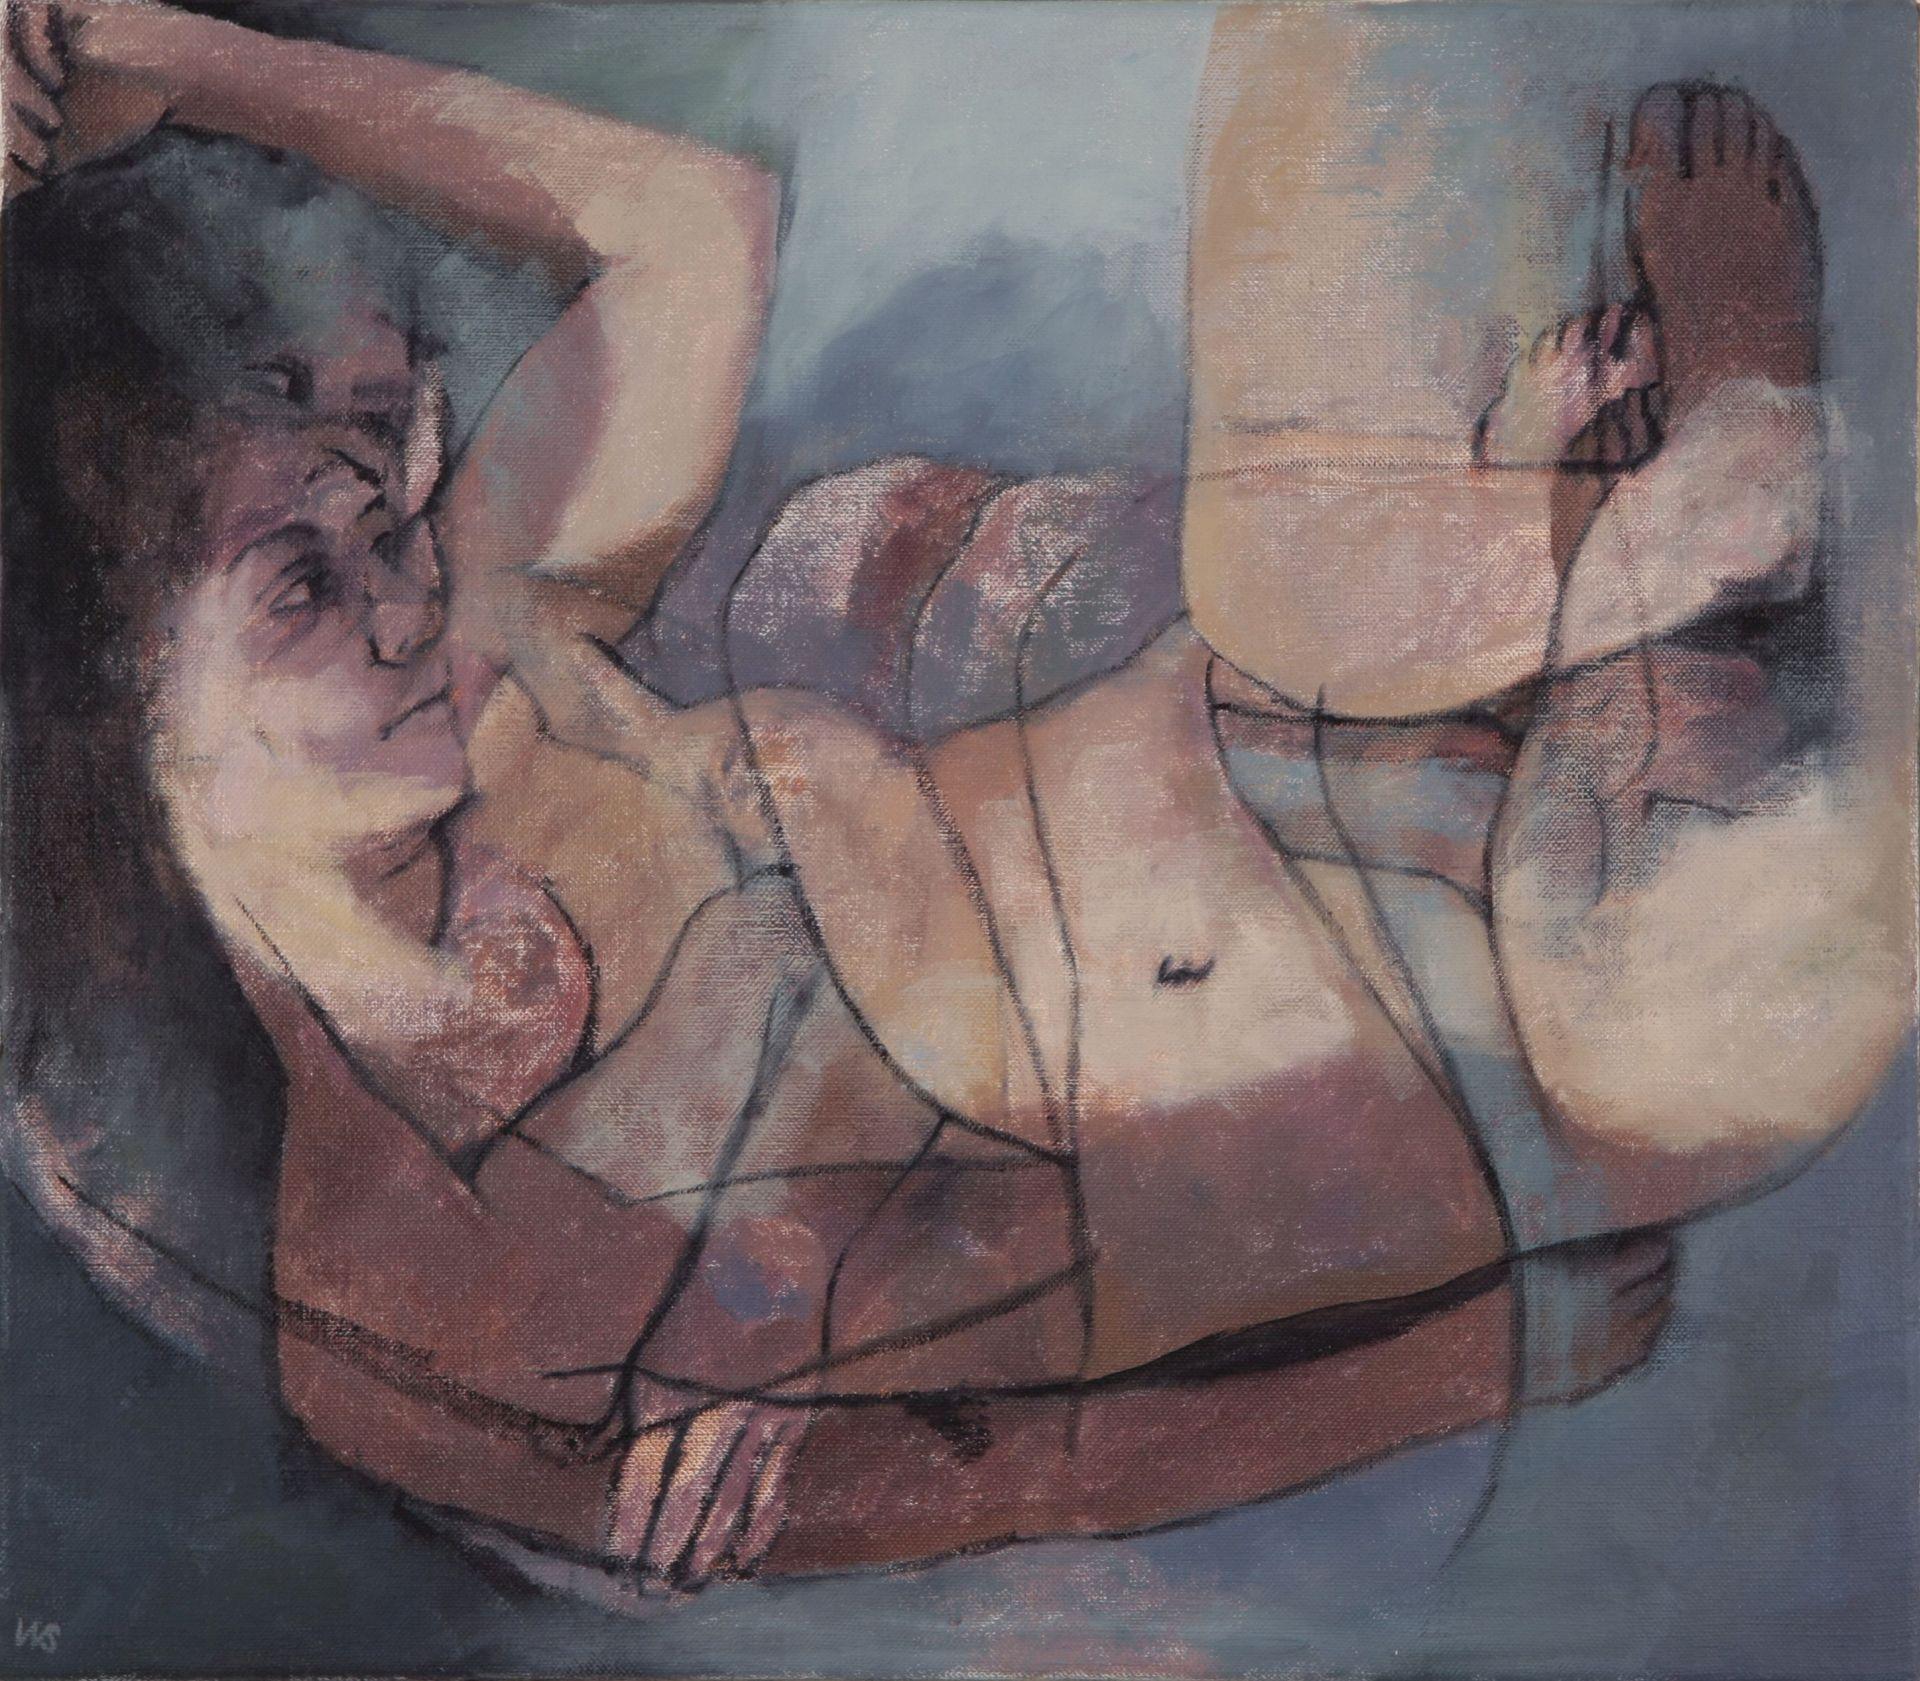 Walter Strobl-Bozetto II/20